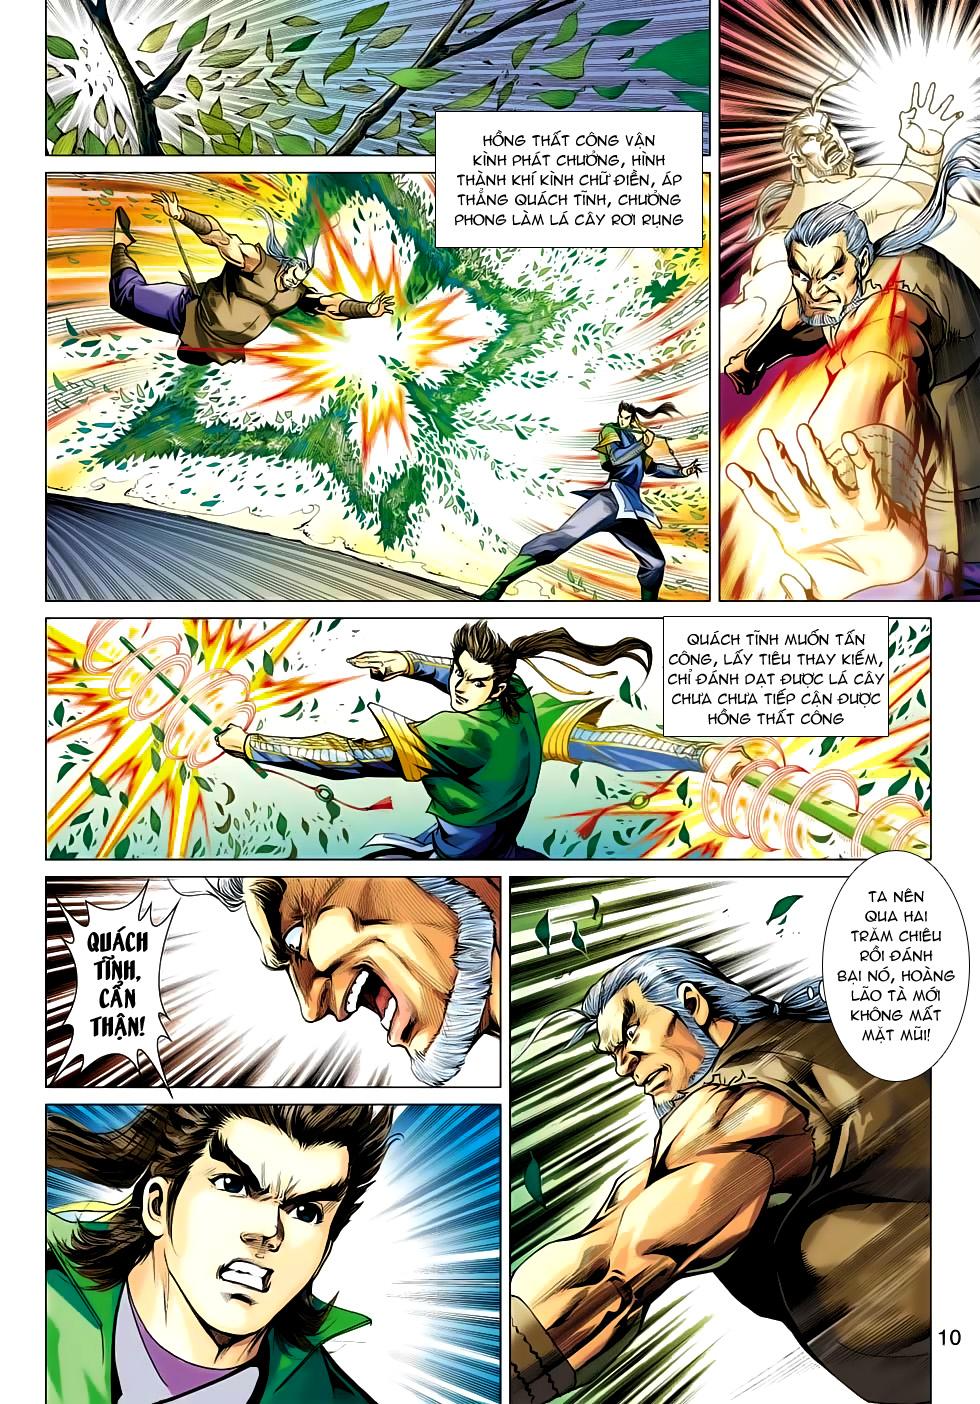 Xạ Điêu Anh Hùng Truyện chap 100 – End Trang 10 - Mangak.info